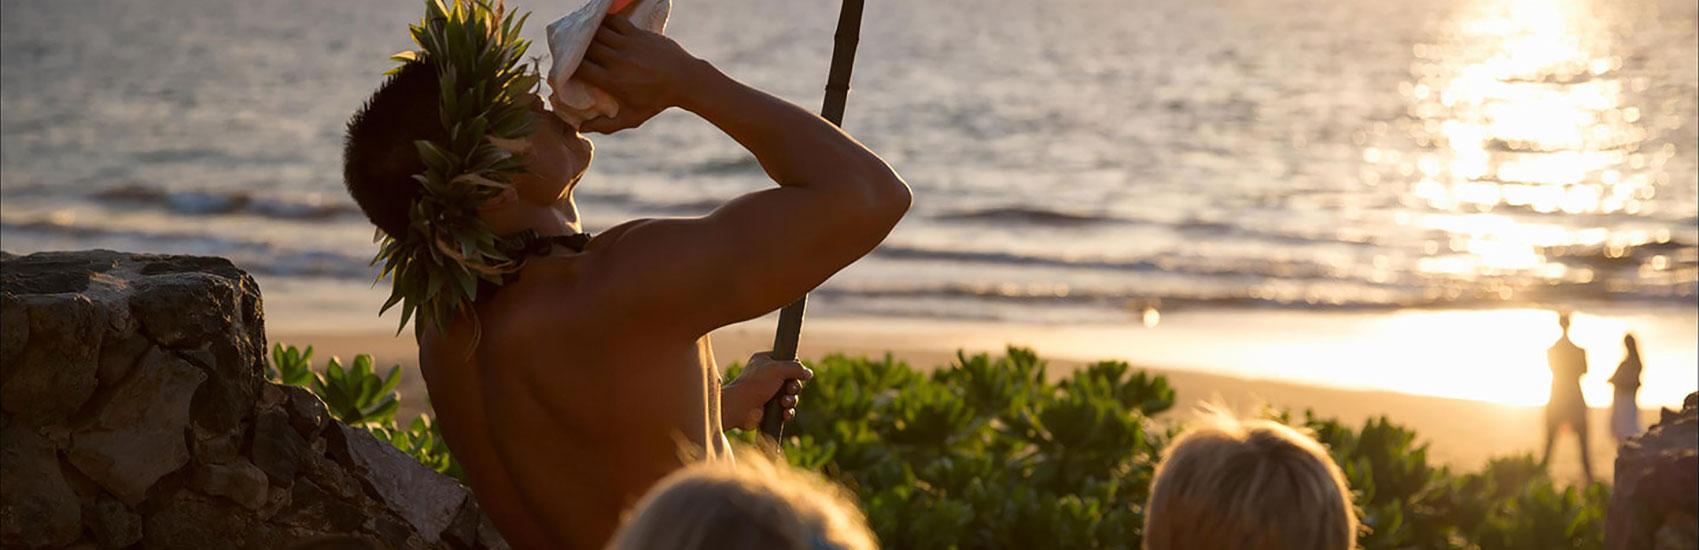 Fairmont Kea Lani, Maui 0